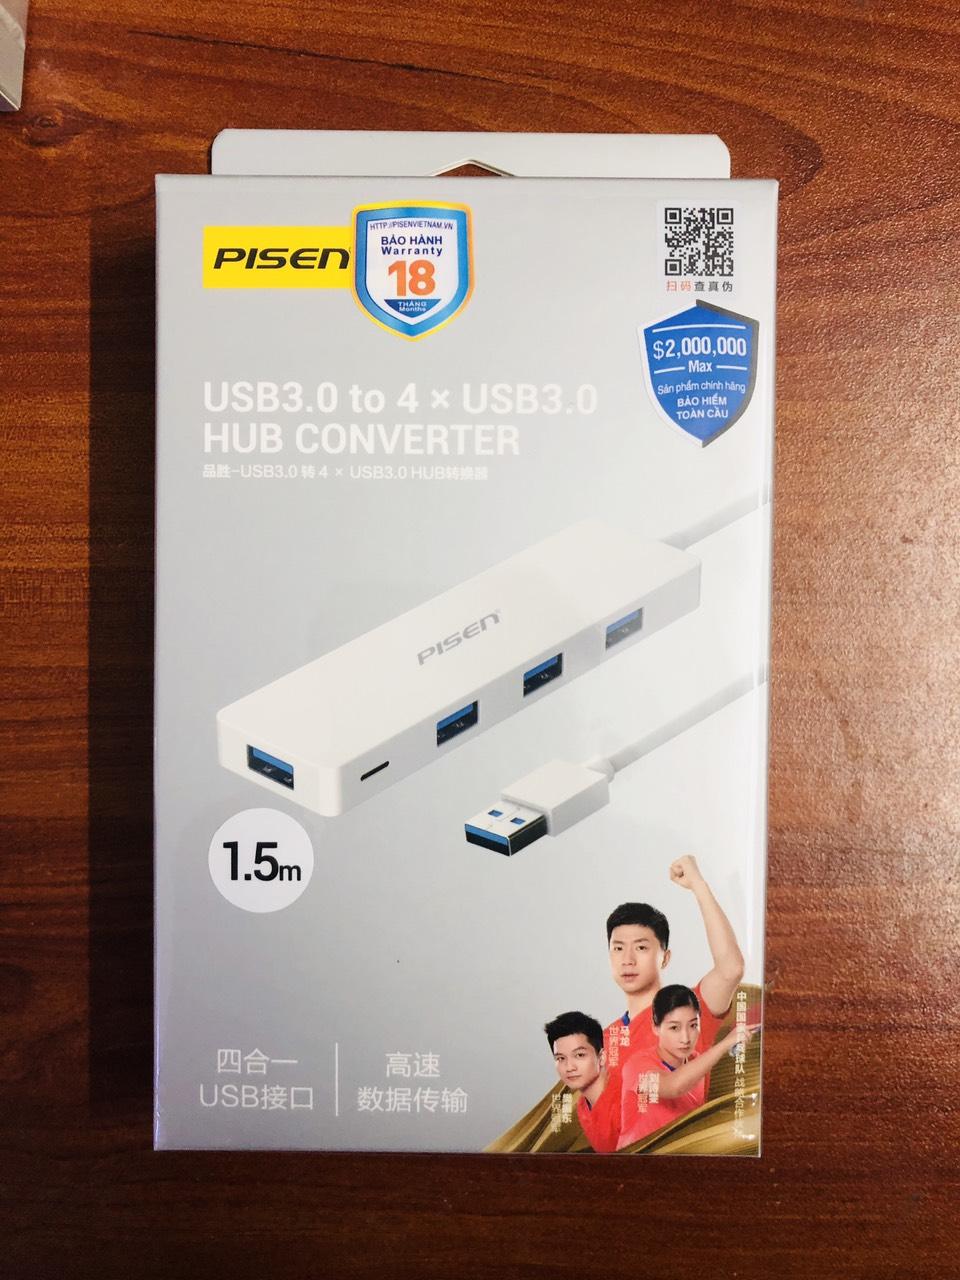 Bộ chuyển đổi  Pisen HUB USB 3.0 1500mm ( Bộ chia USB 4 cổng 3.0 ) màu trắng _Hàng chính hãng